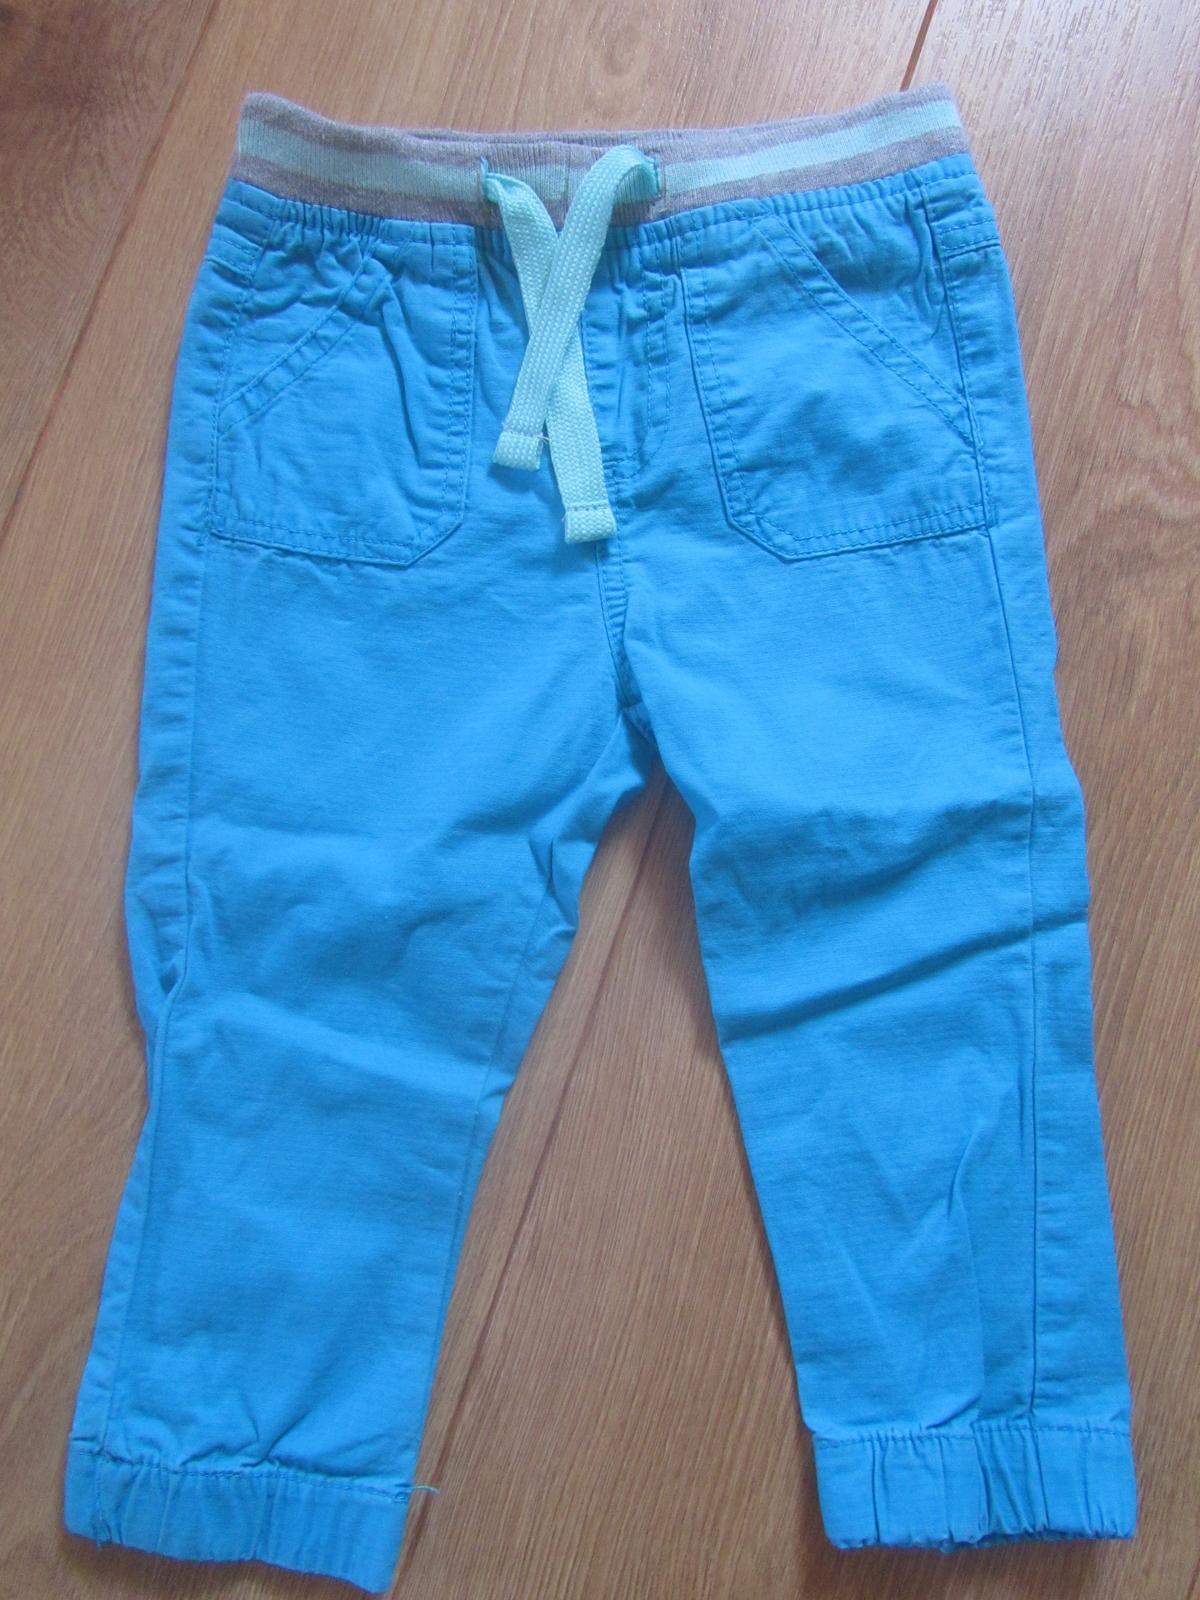 Tyrkysove nohavice Pepco 92 - Obrázok č. 1